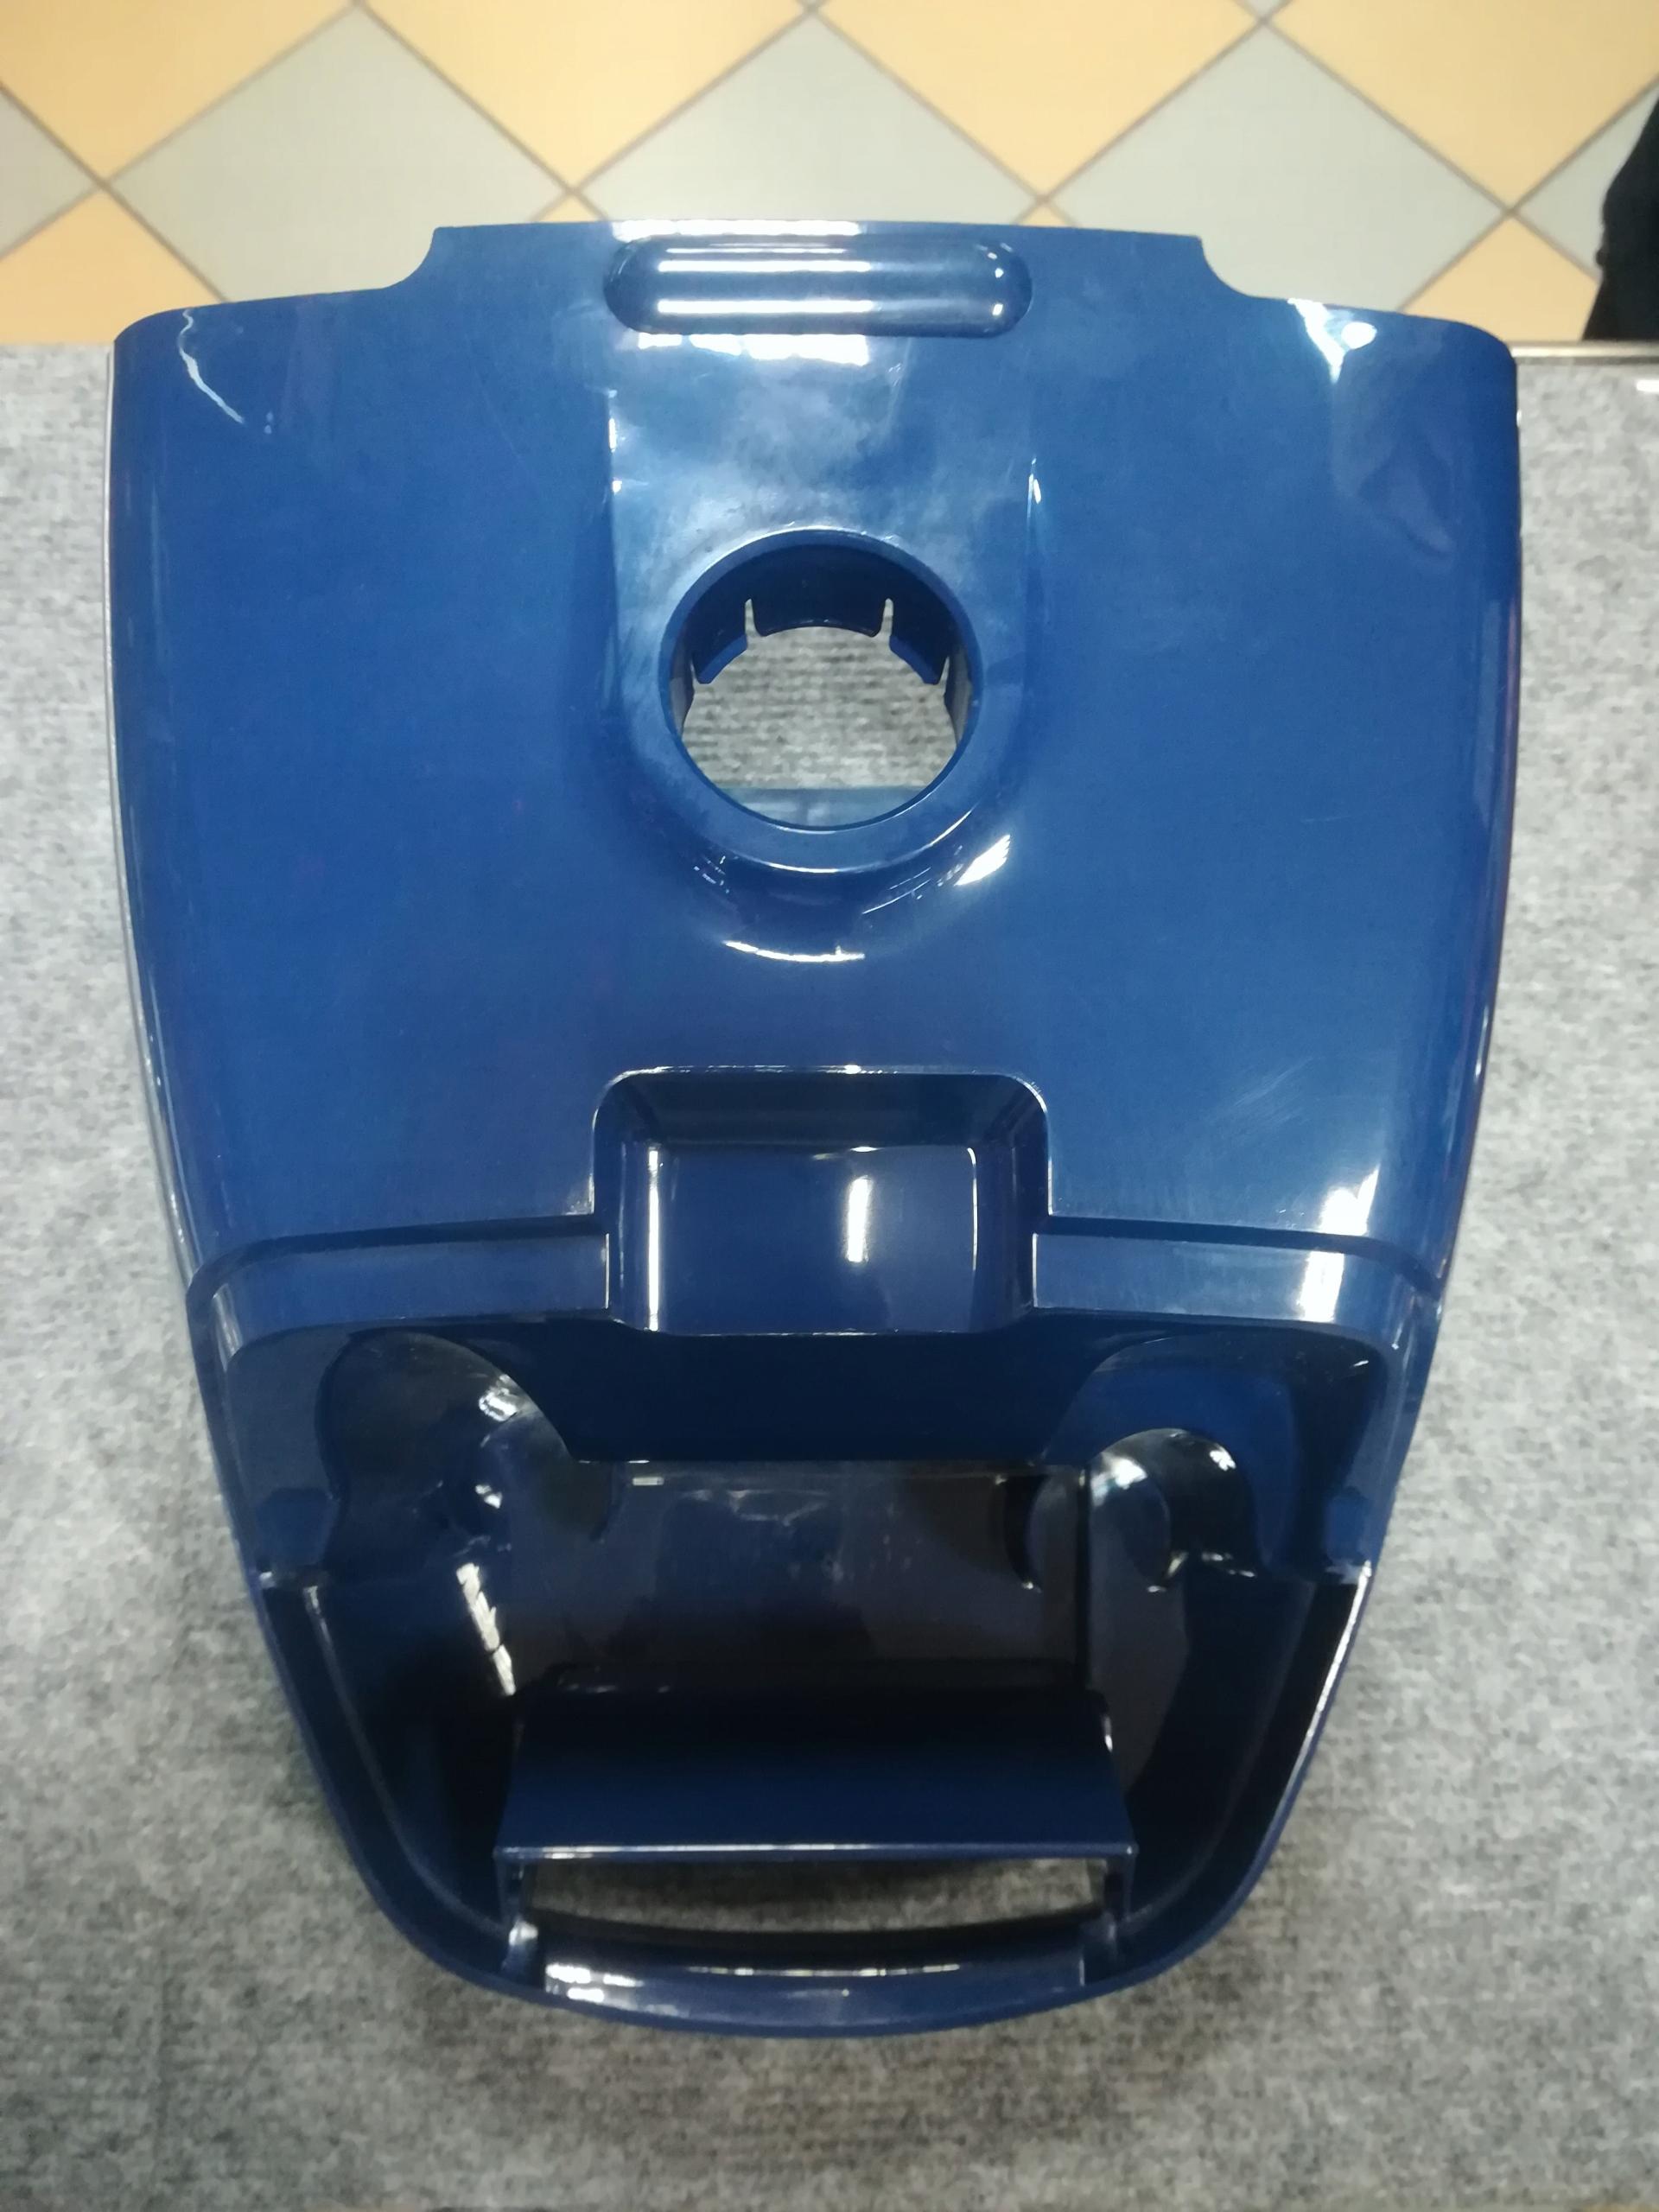 Pokrywa odkurzacza Zelmer 400 Meteor przednia